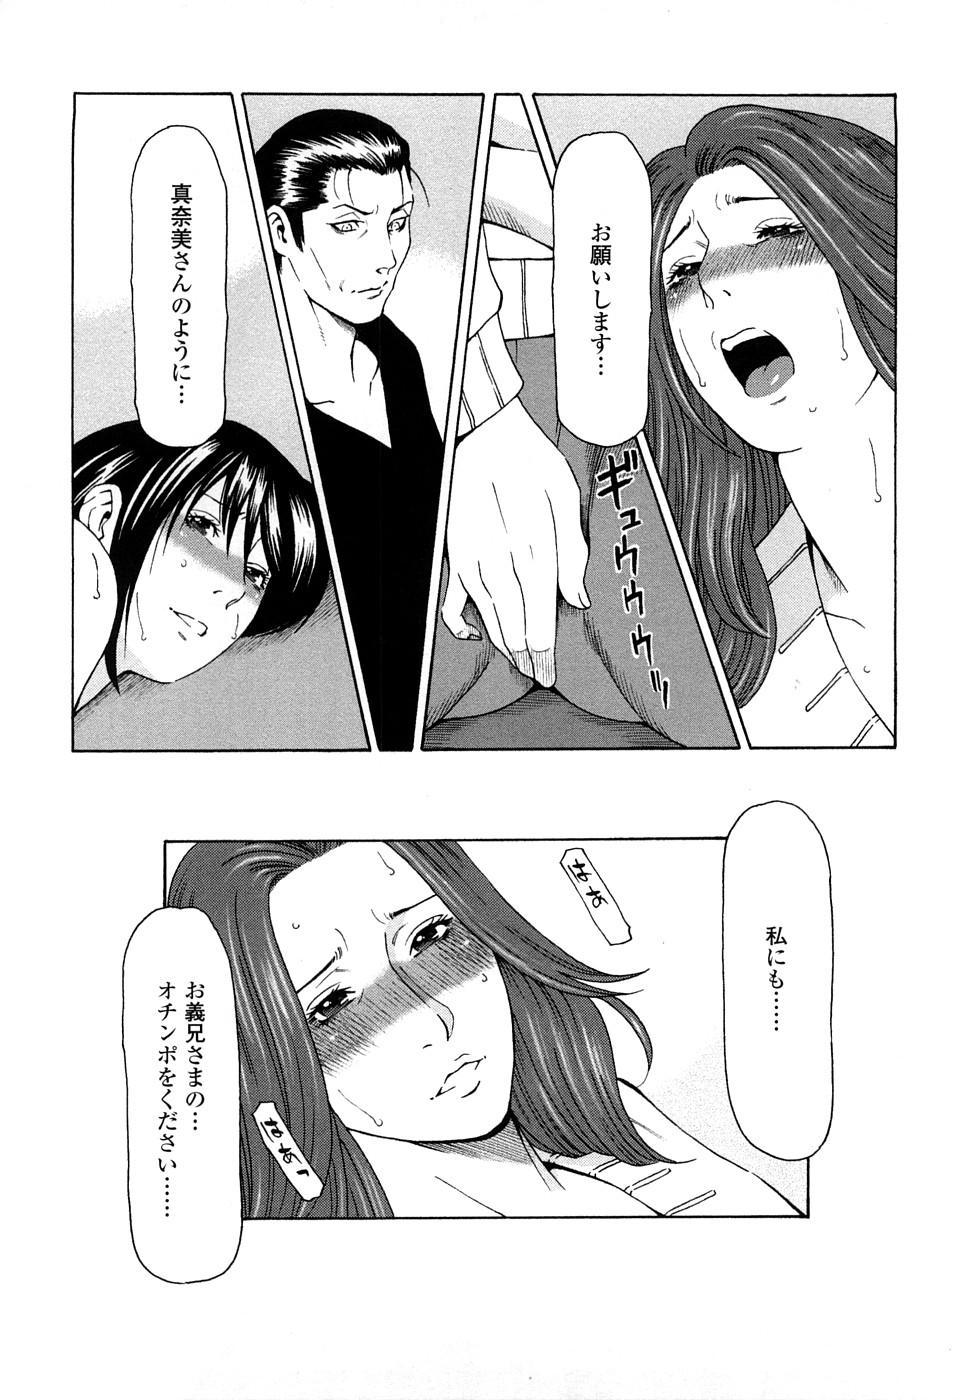 Etsuraku no Tobira - The Door of Sexual Pleasure 77